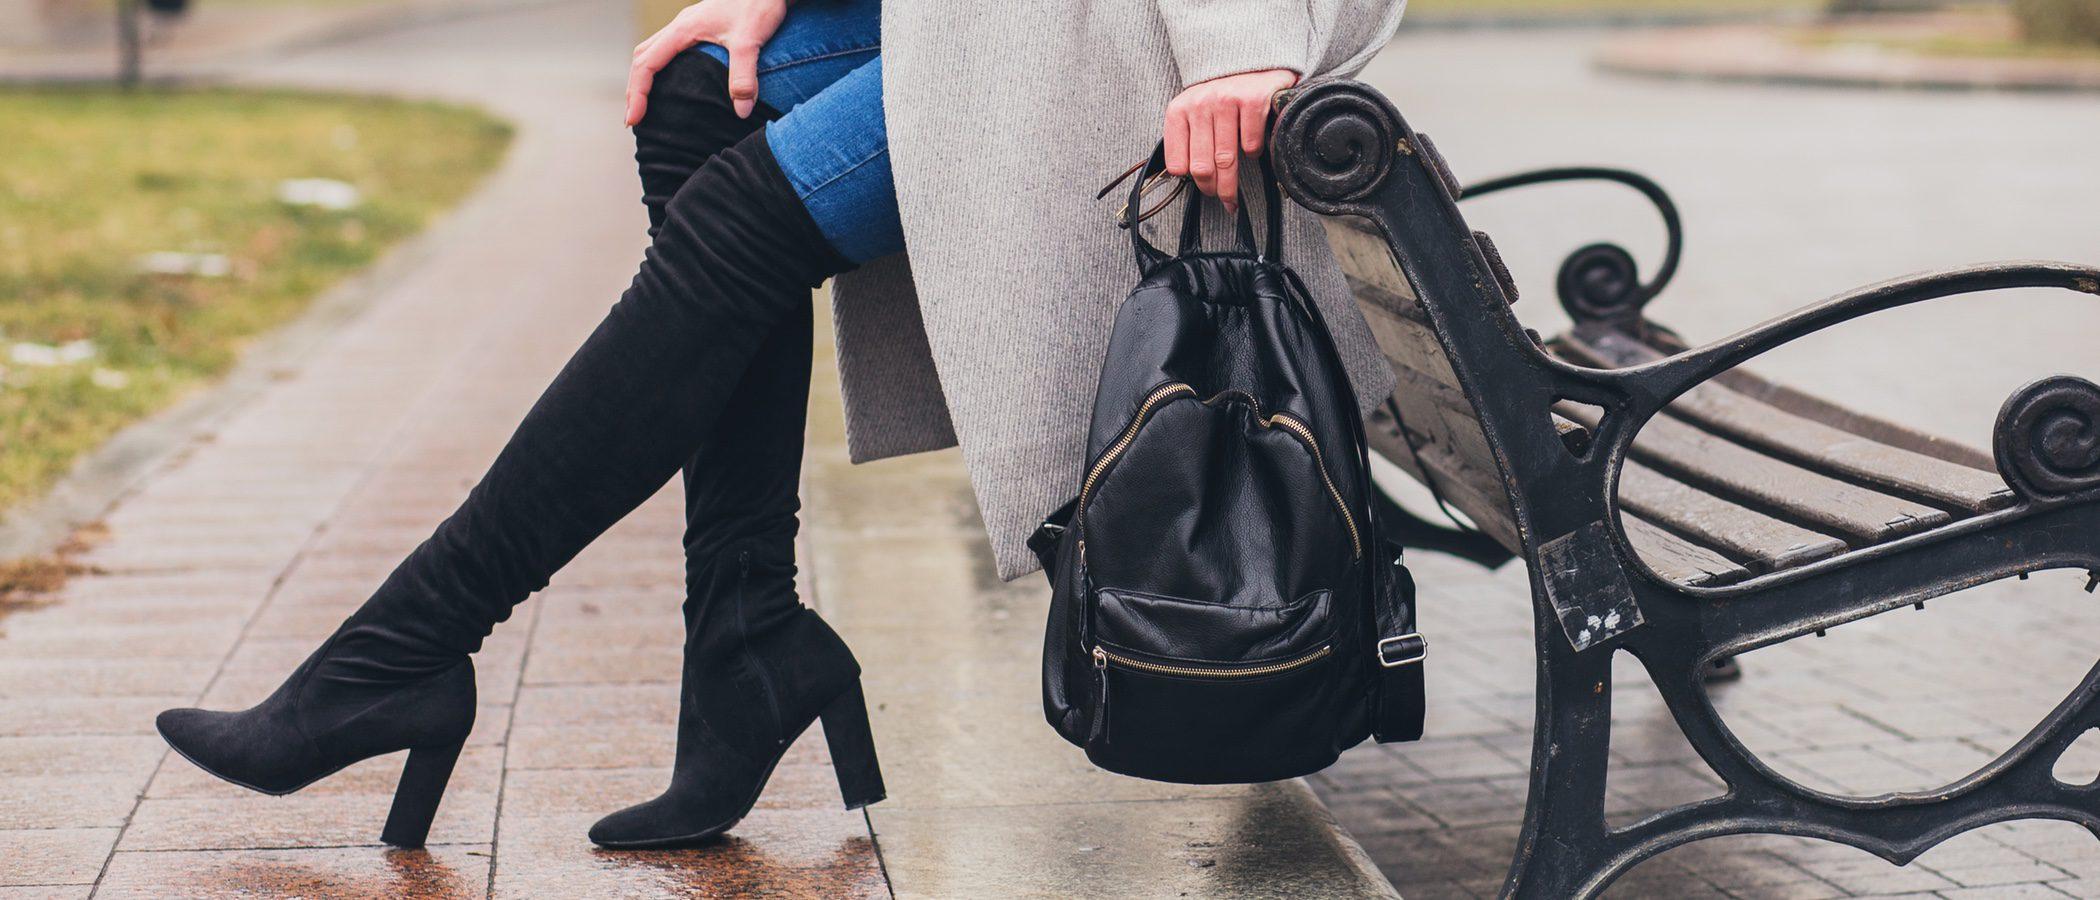 Botas 'over the knee': guía de estilo para lucir botas altas XL